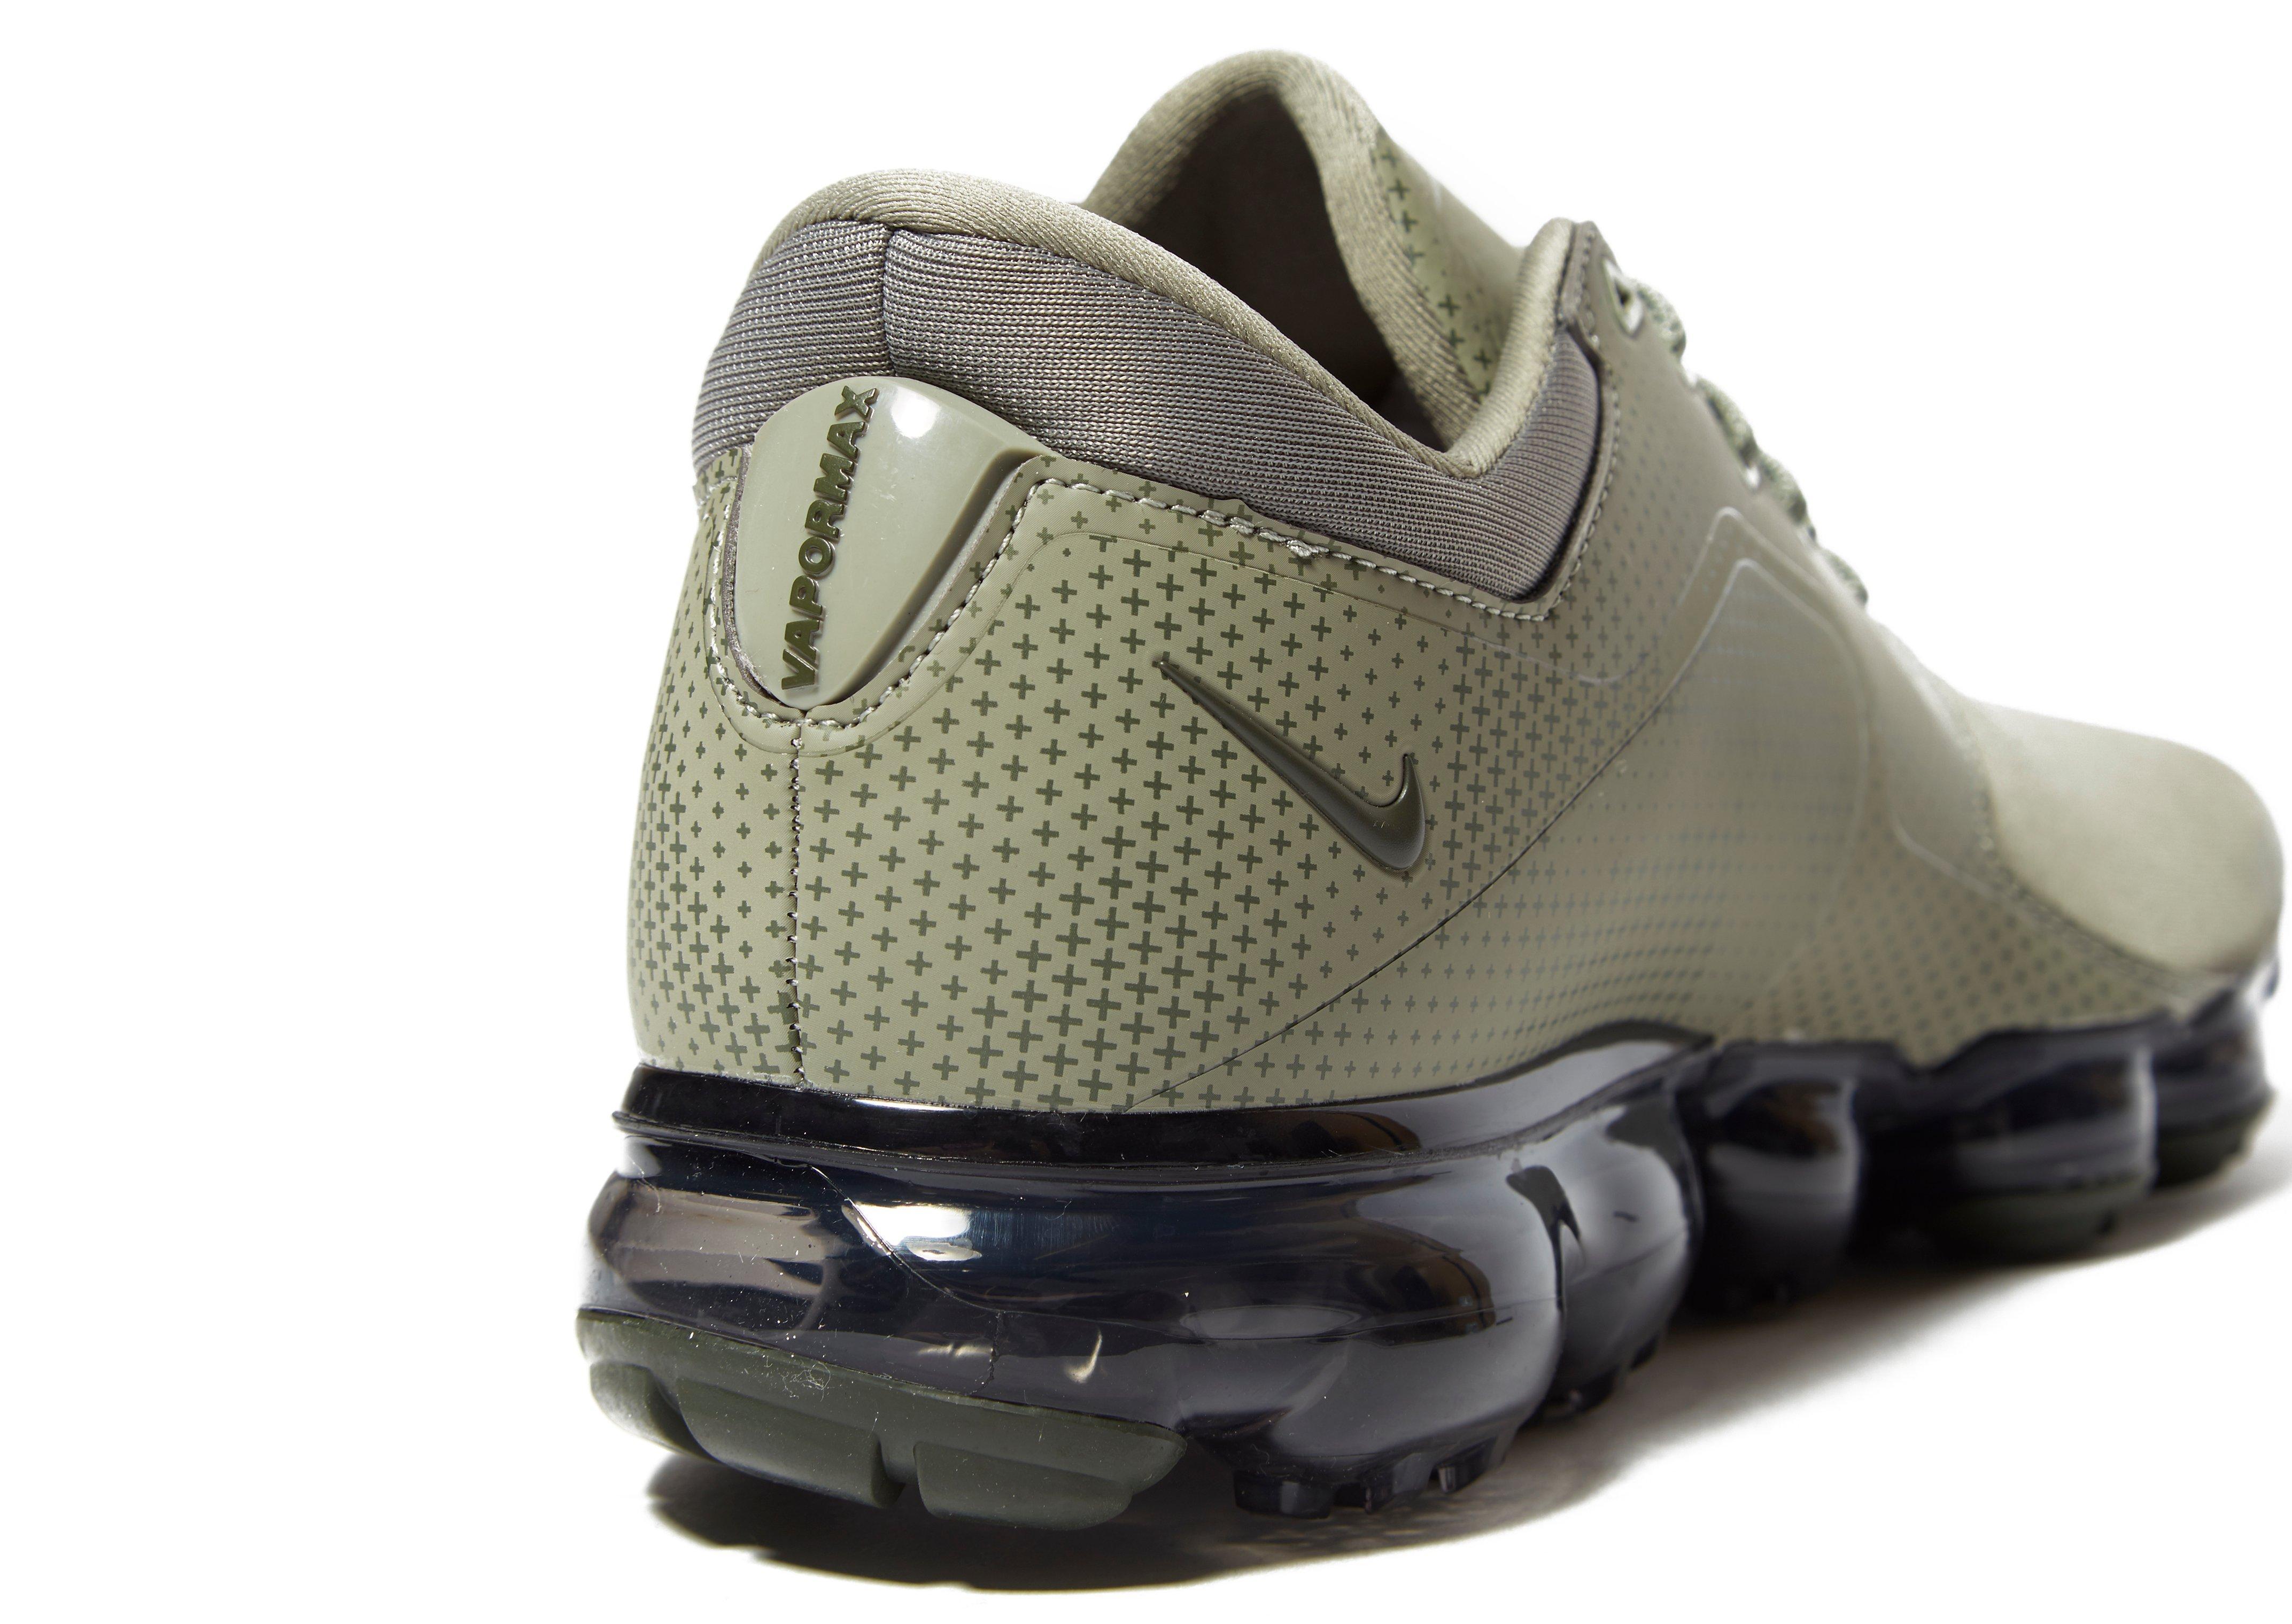 a77d84e75723 Infant Nike Shoes Hurraches Mens